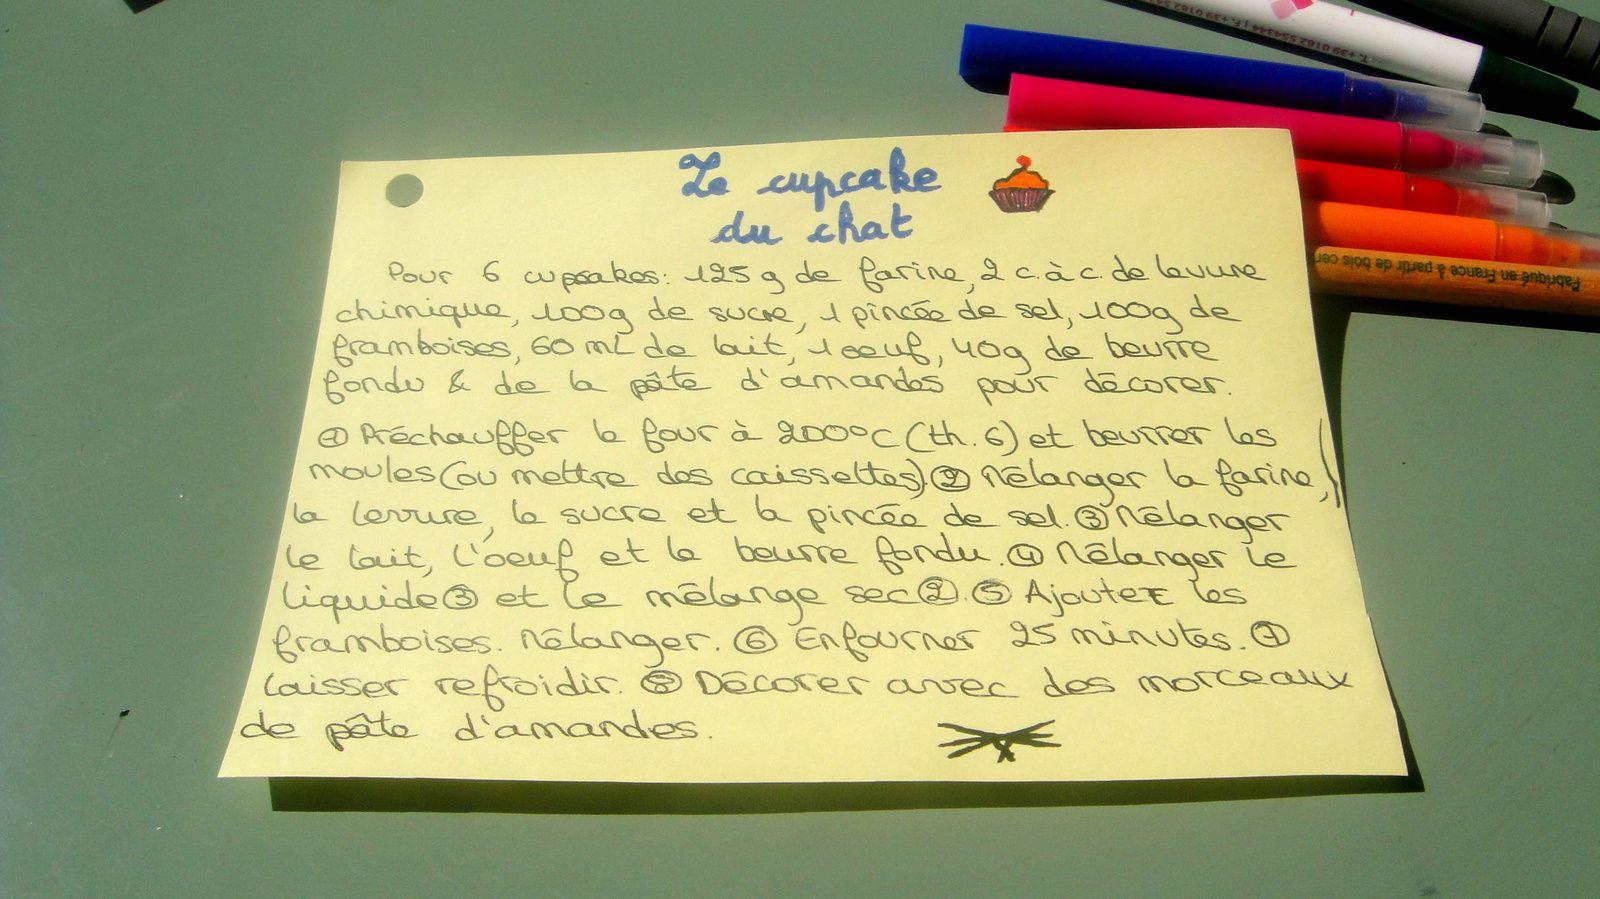 Le blog du chat #3 Le cupcake